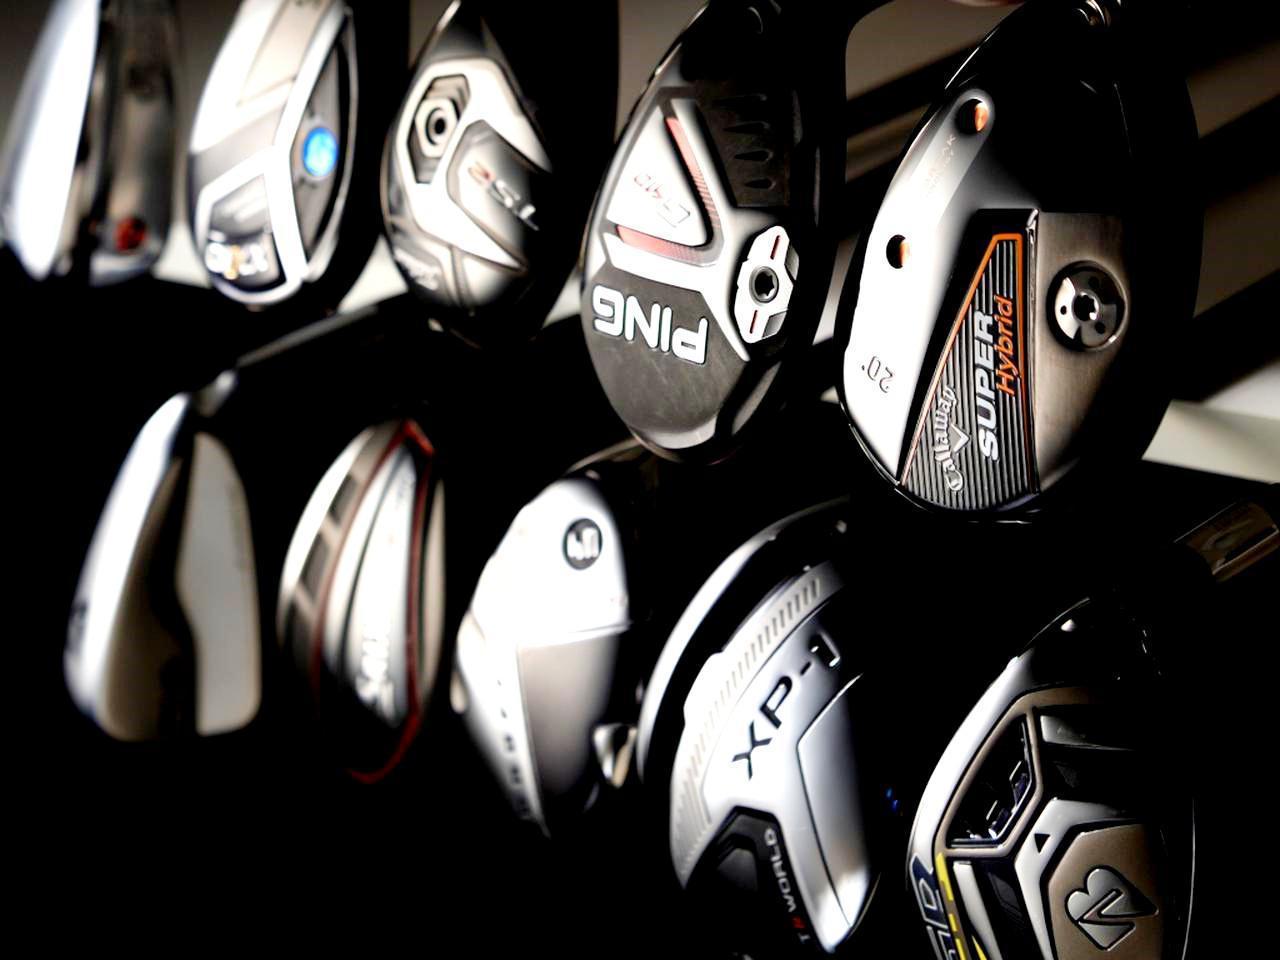 画像: 【ユーティリティクラブ研究】飛距離だけではNG。弾道イメージが自分に合うか? ゴルフコースで活躍するユーティリティ選びの基本! - ゴルフへ行こうWEB by ゴルフダイジェスト